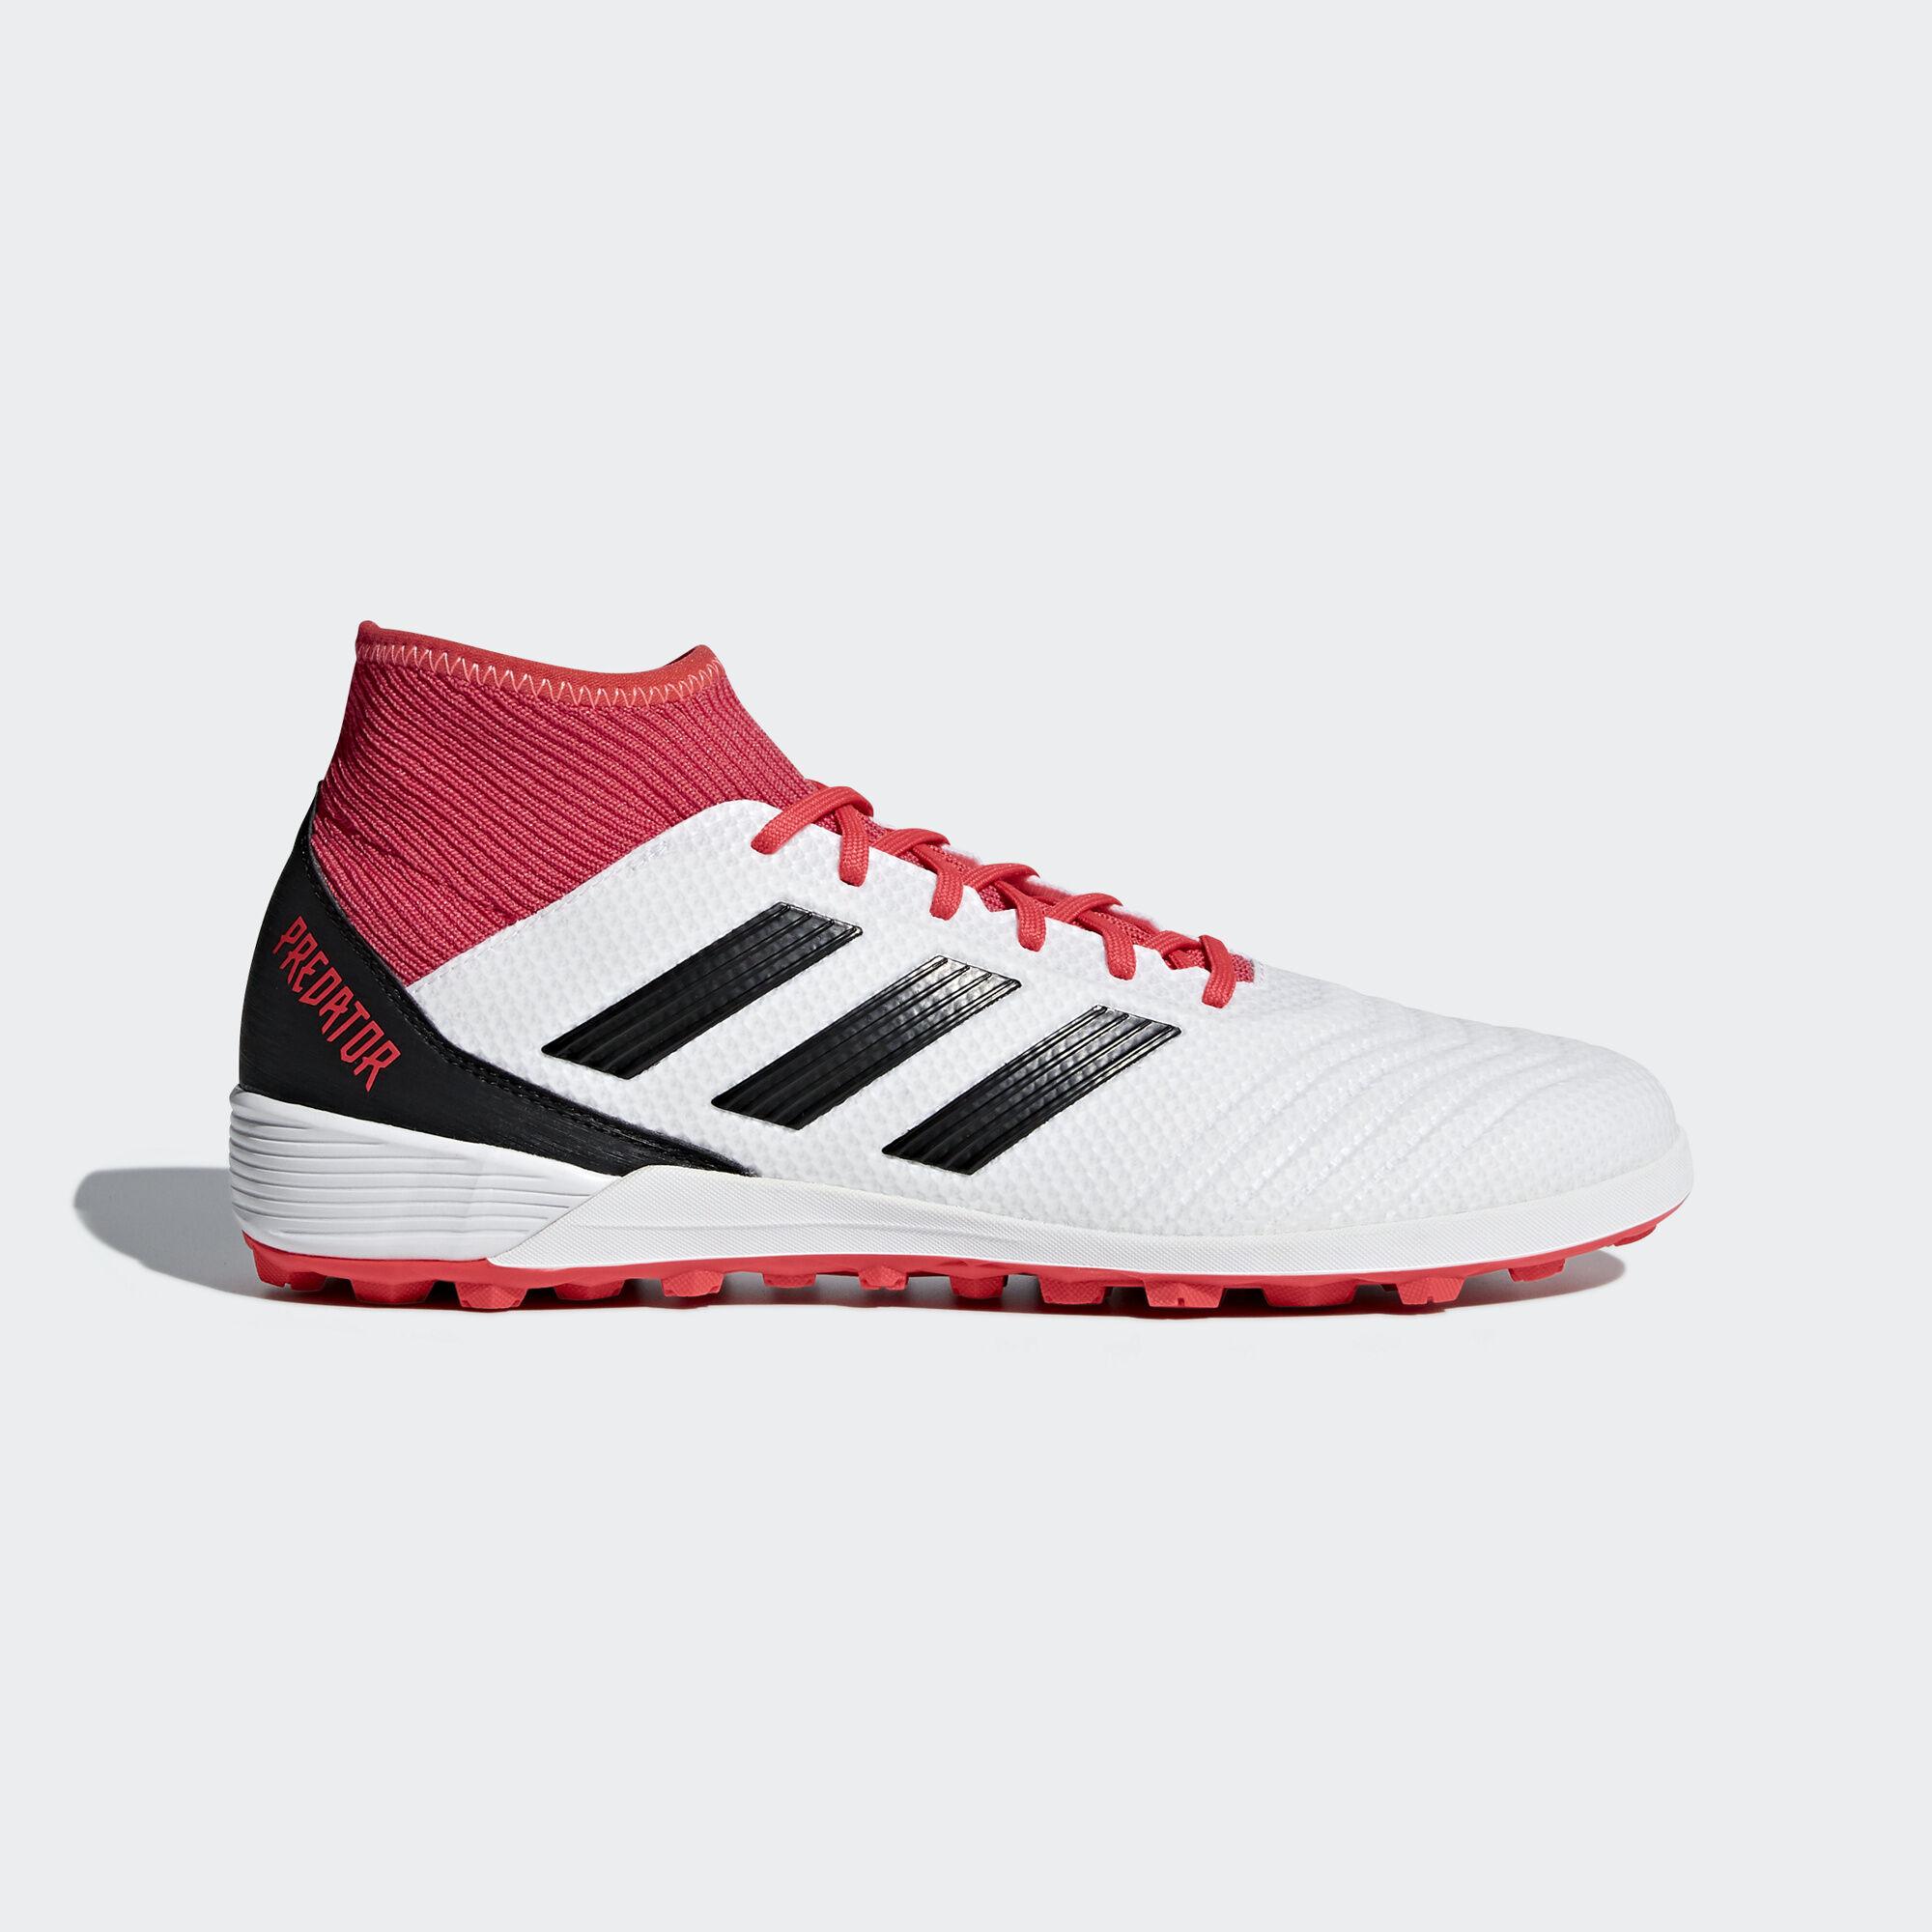 adidas - Zapatilla de fútbol Predator Tango 18.3 moqueta Ftwr White/Core  Black/Real. Hombre Football